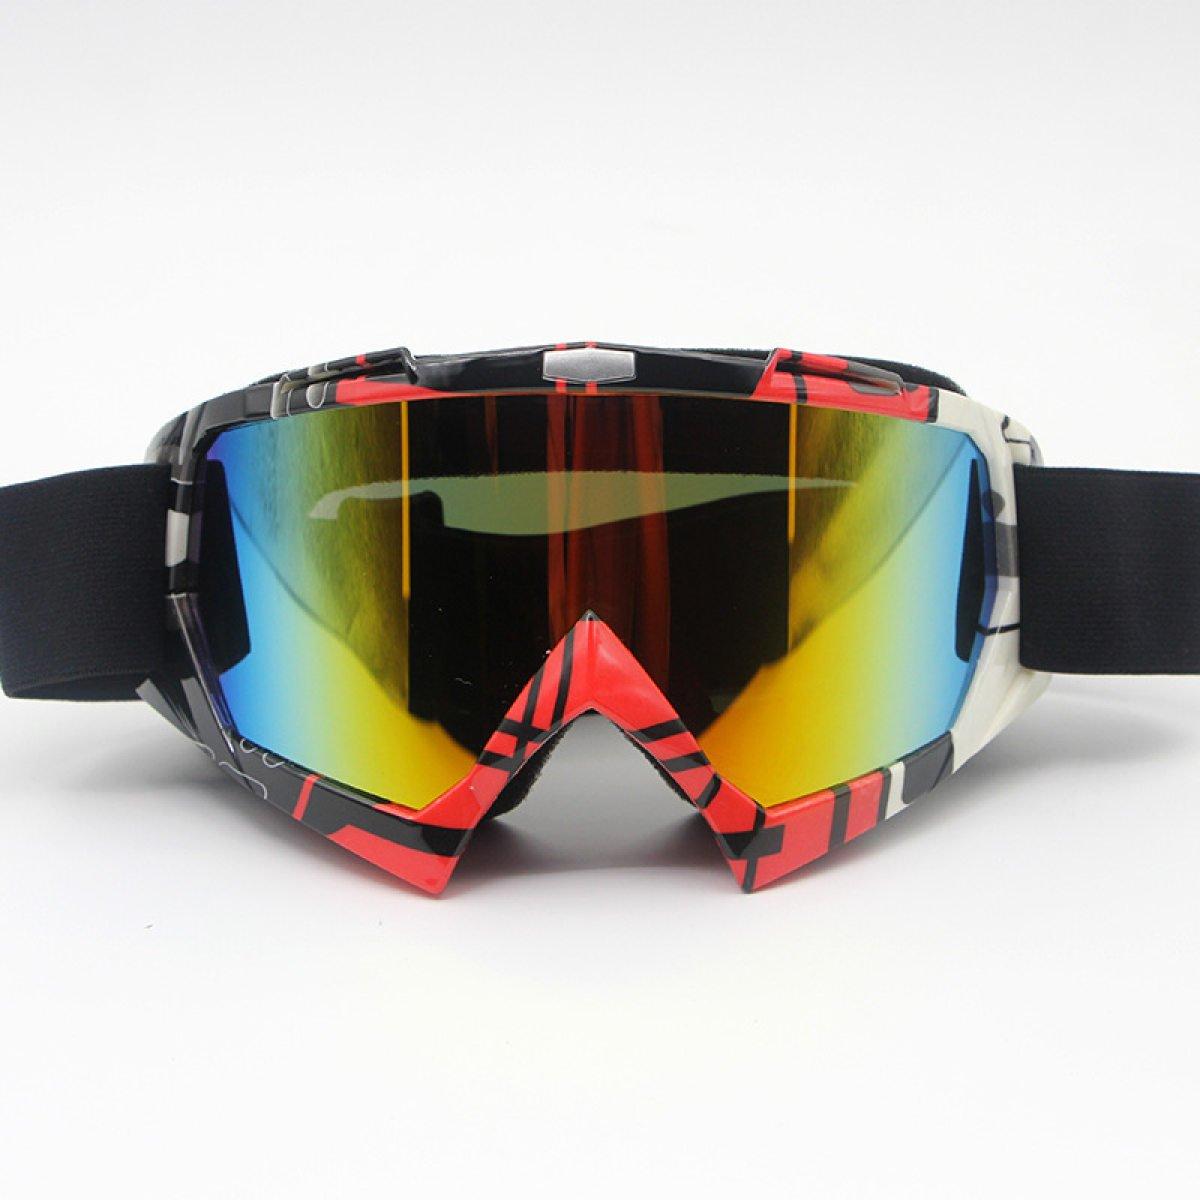 Motociclo Specchio Da Sci Occhiali Da Vista Equitazione Occhiali Da Vista Alpinismo Occhiali,C-OneSize